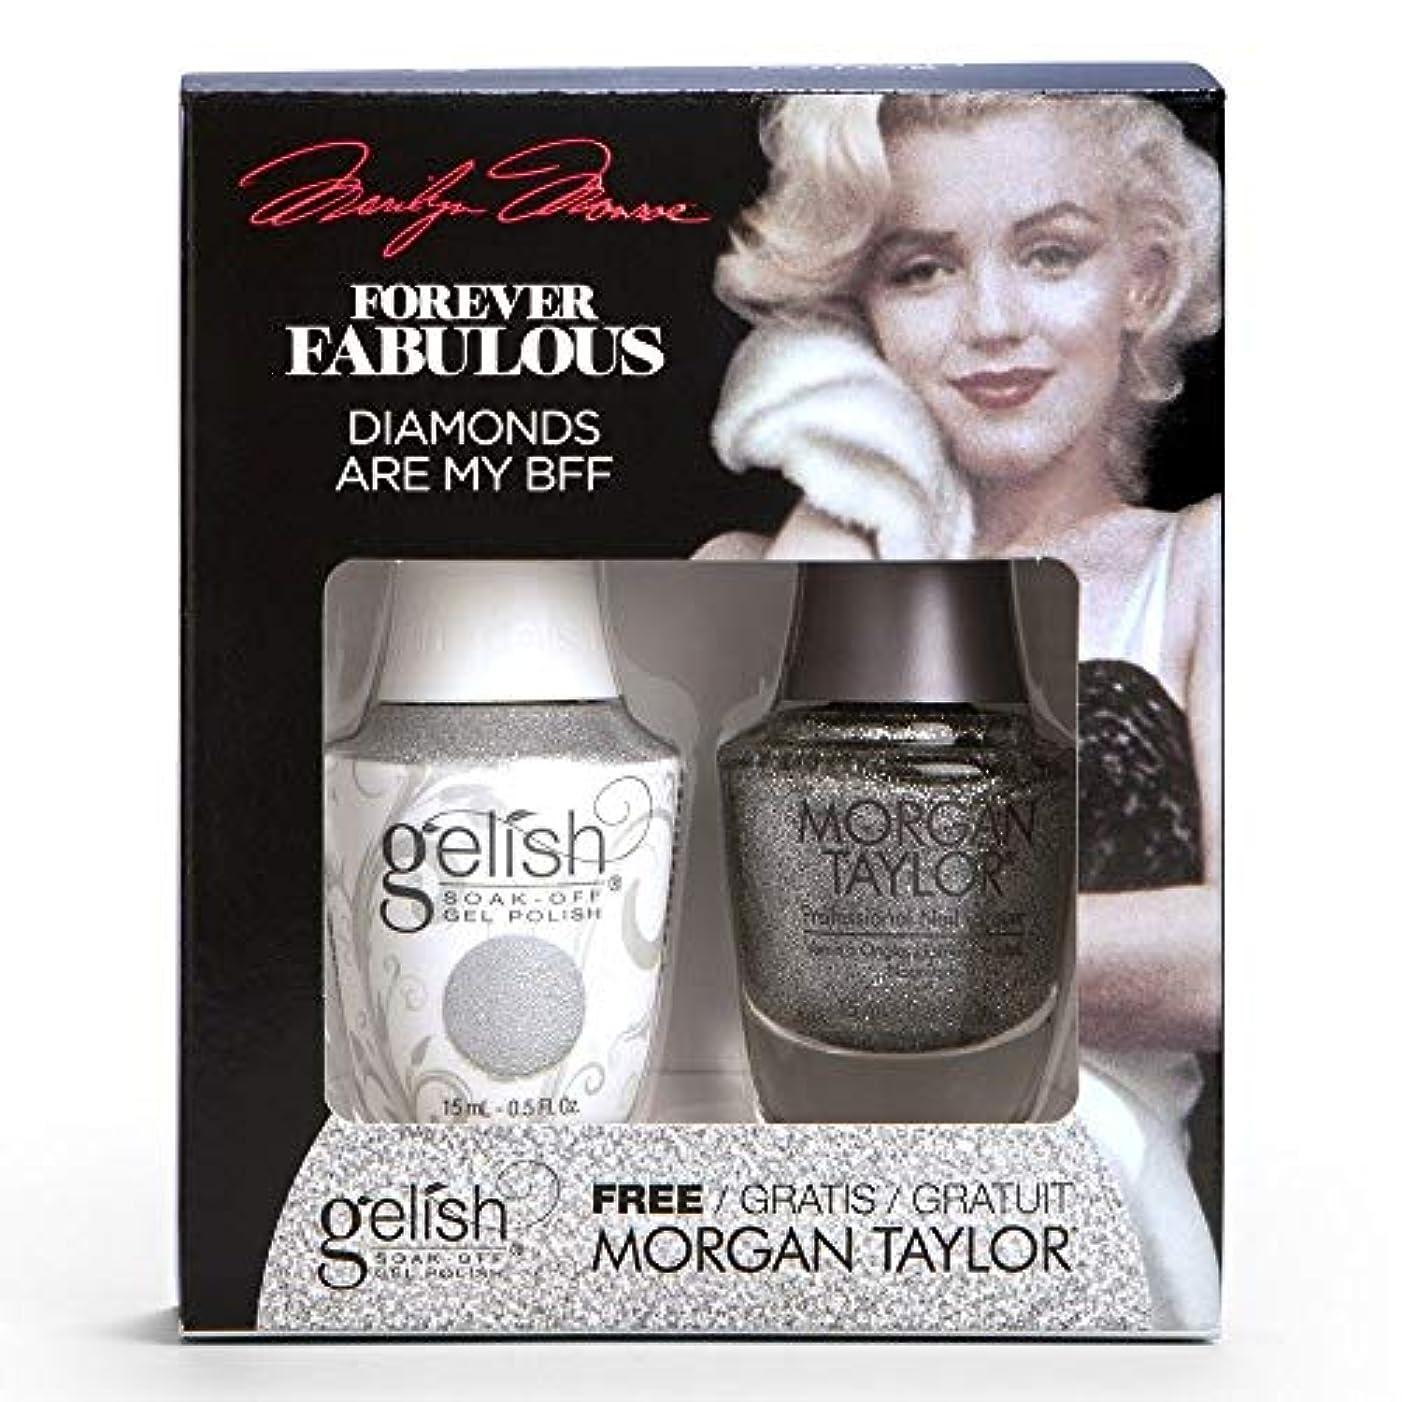 だらしないファックス分析Harmony Gelish & Morgan Taylor - Two Of A Kind - Forever Fabulous Marilyn Monroe - Diamonds Are My BFF - 15 mL...